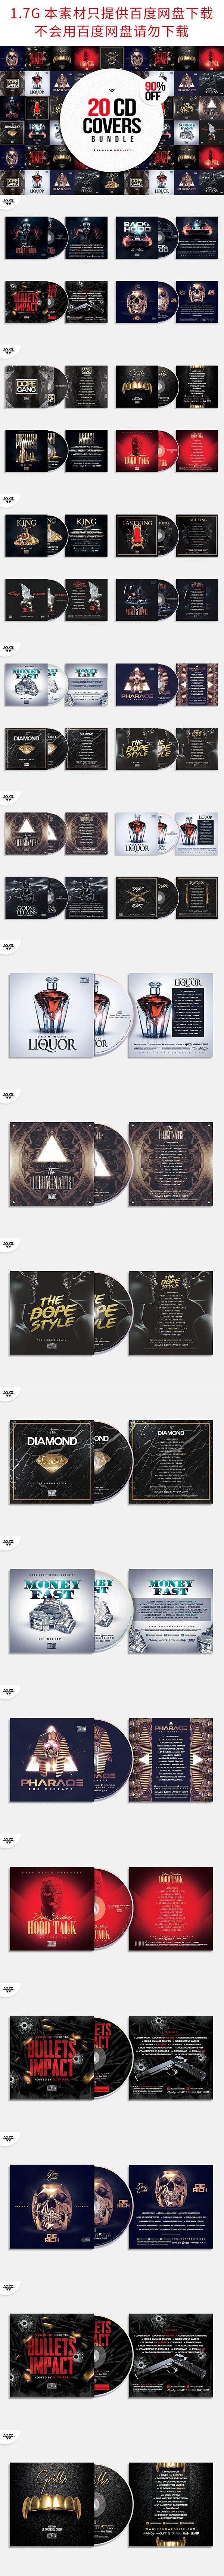 重金属CD封面